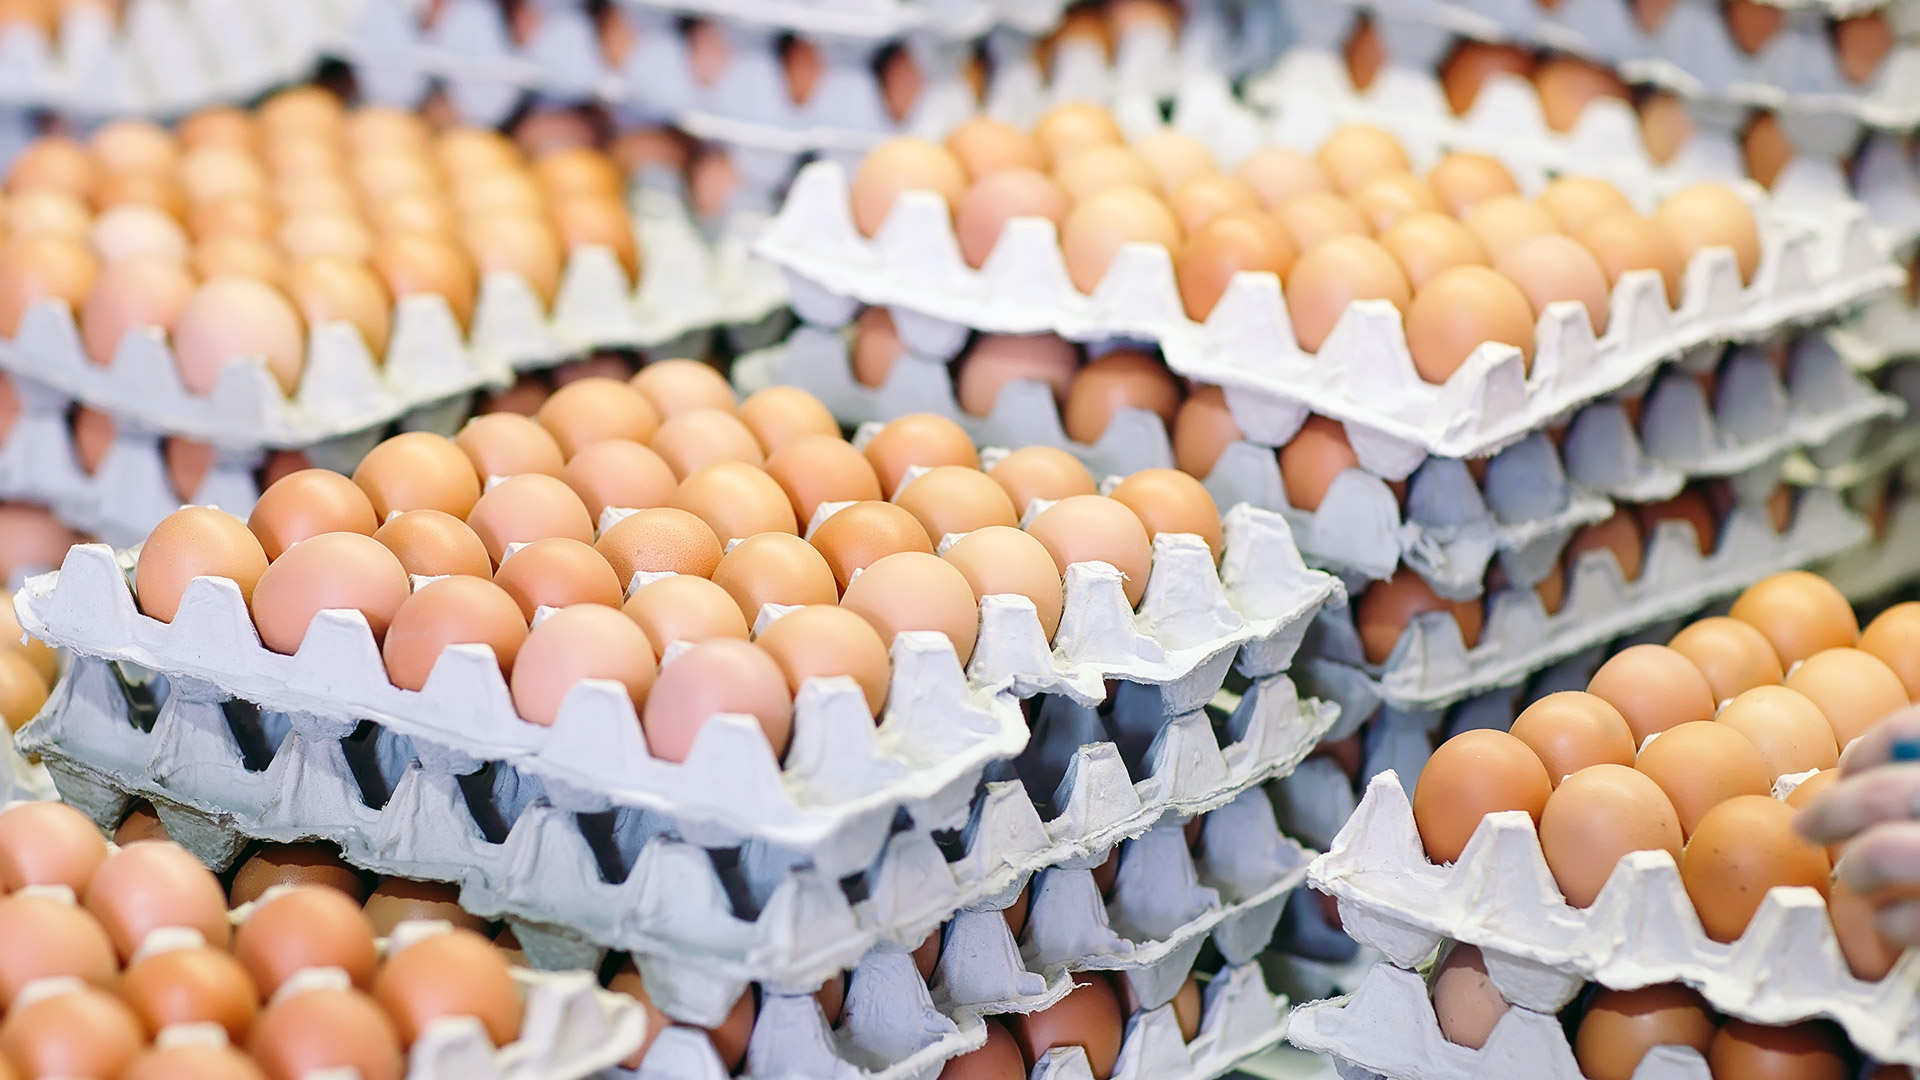 Eier in Kartons